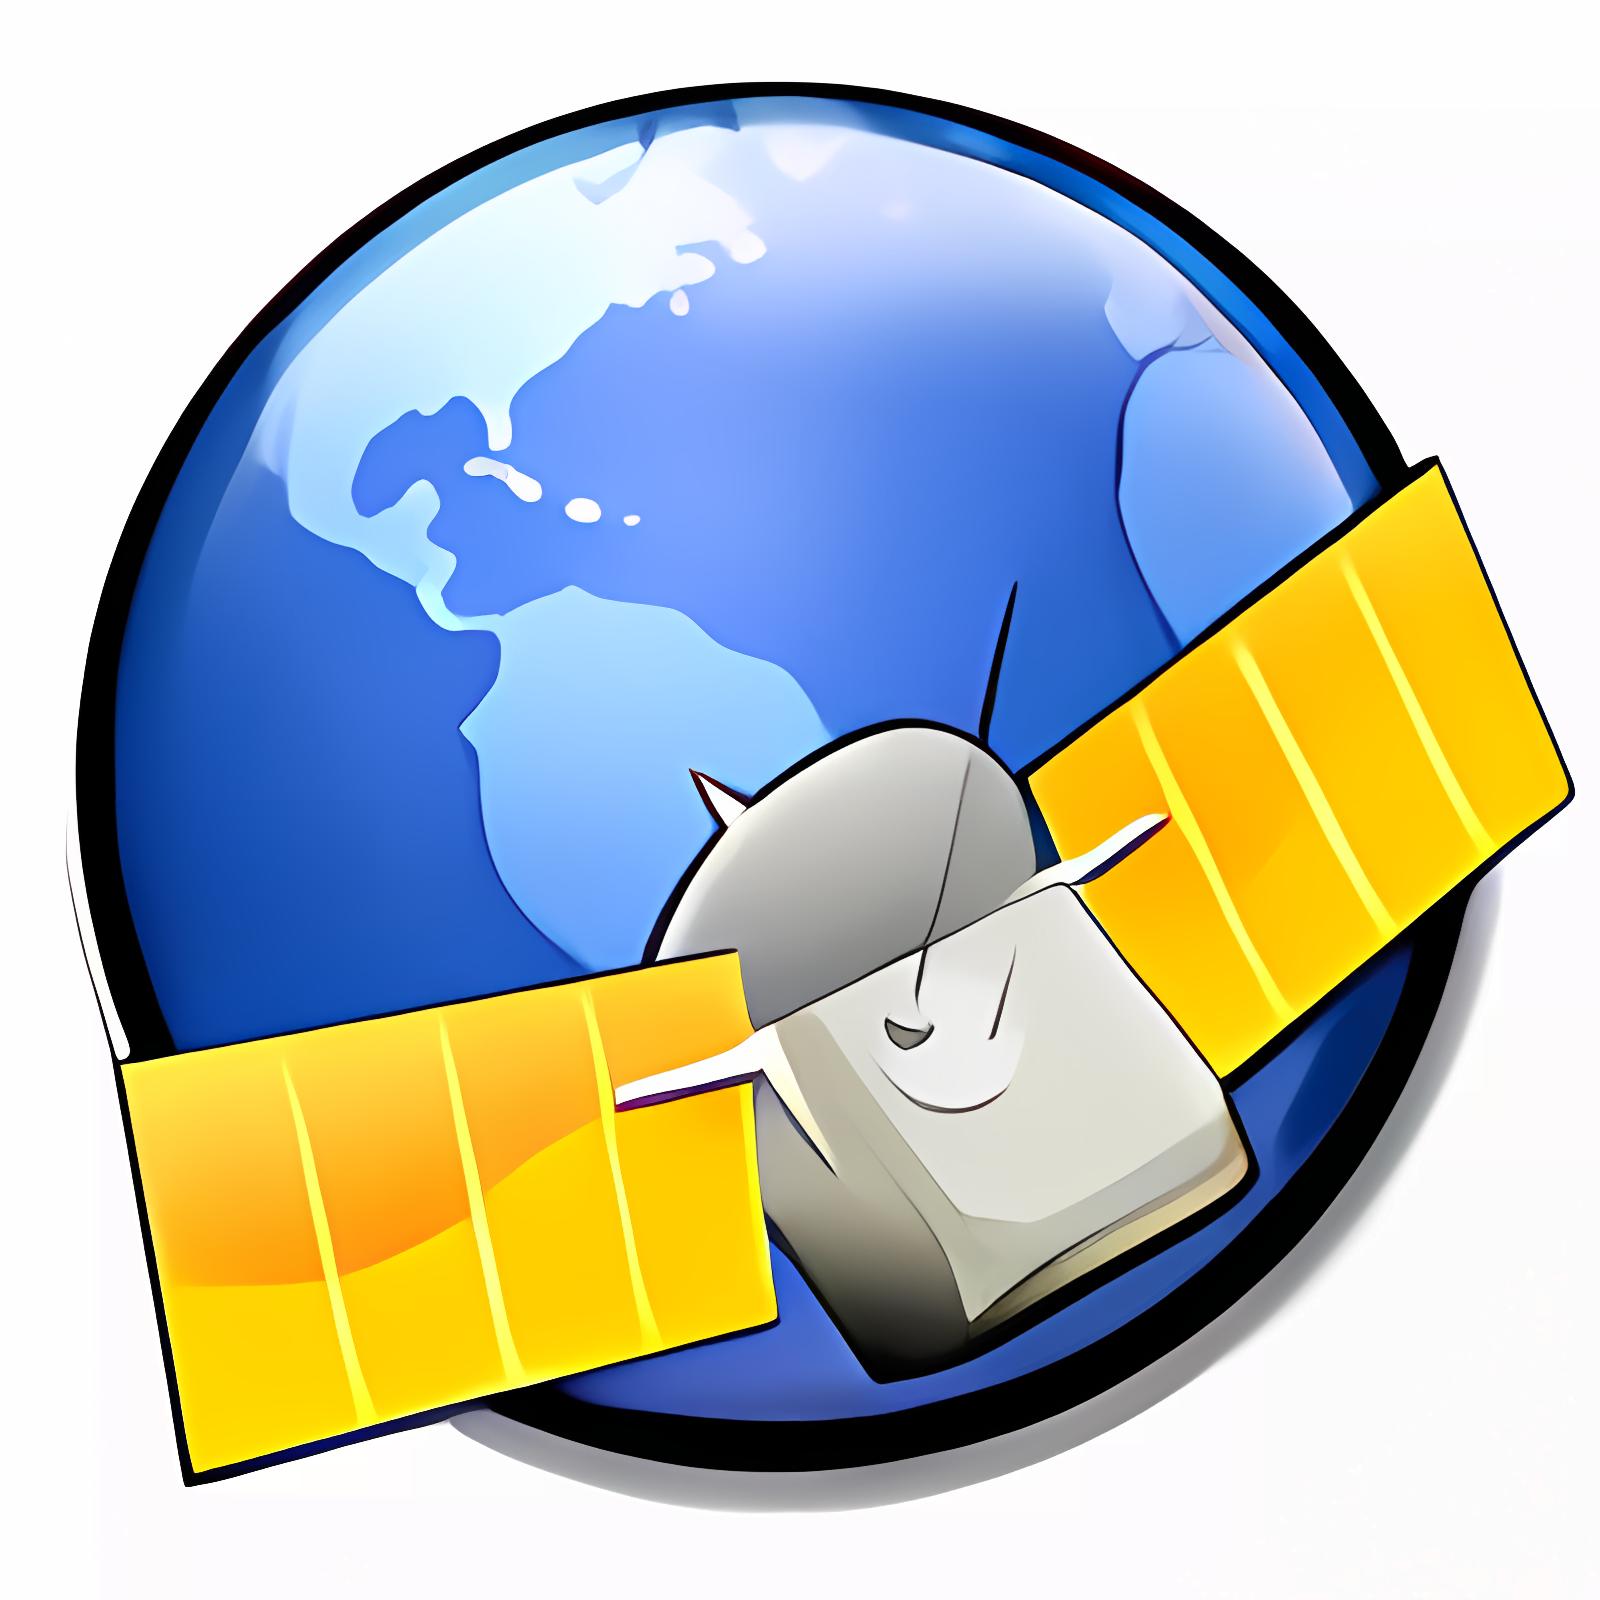 NetNewsWire 3.3.2